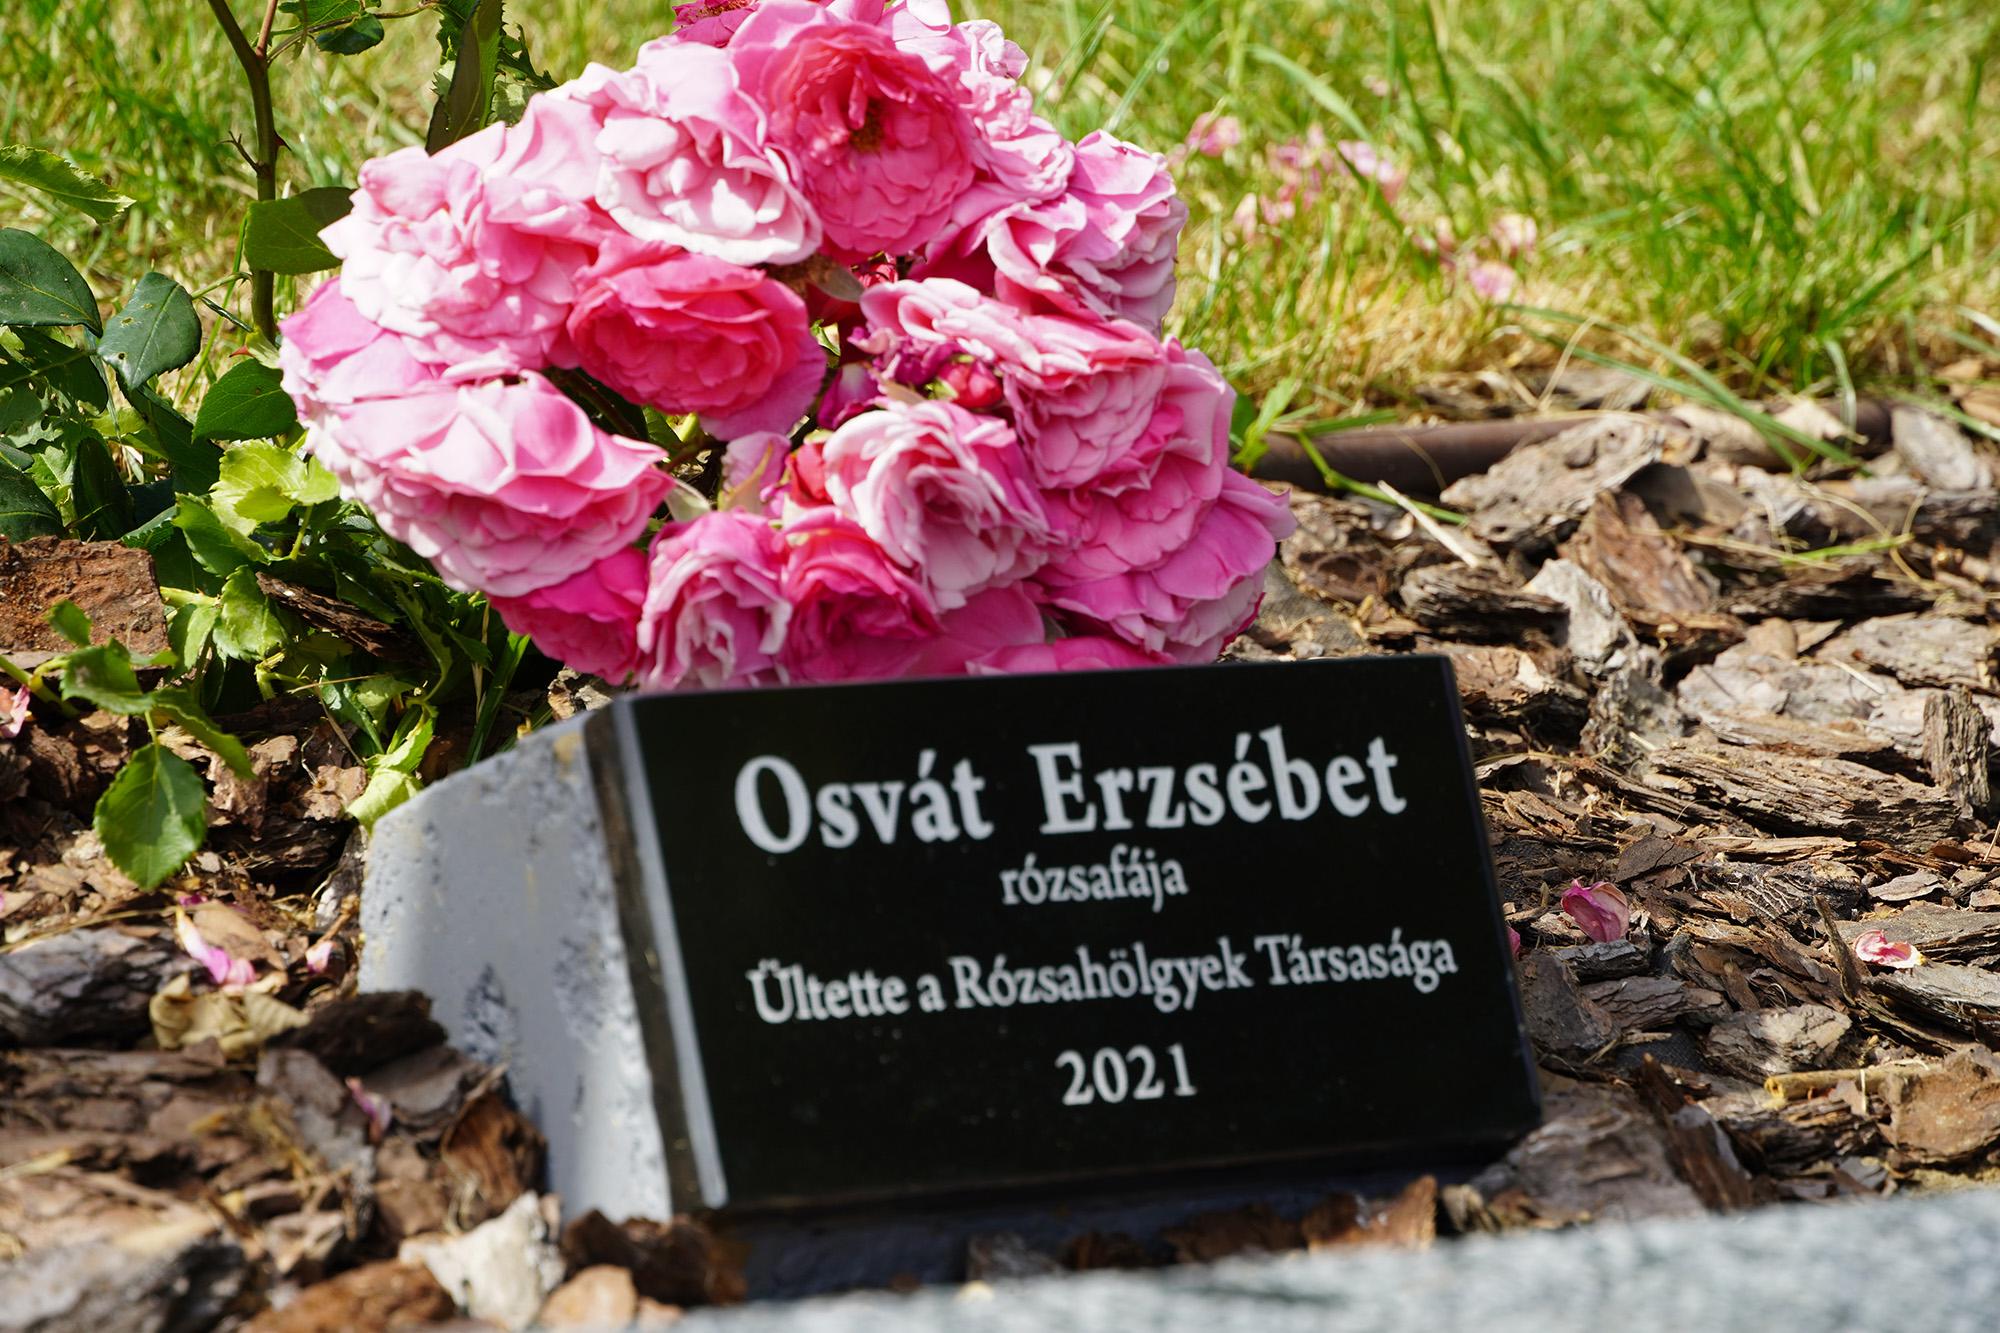 У парку «Будапешт» м. Берегова 24 червня урочисто відкрили іменну пам'ятну дошку угорській поетесі Ержебет Ошват, а також висадили кущ троянд.